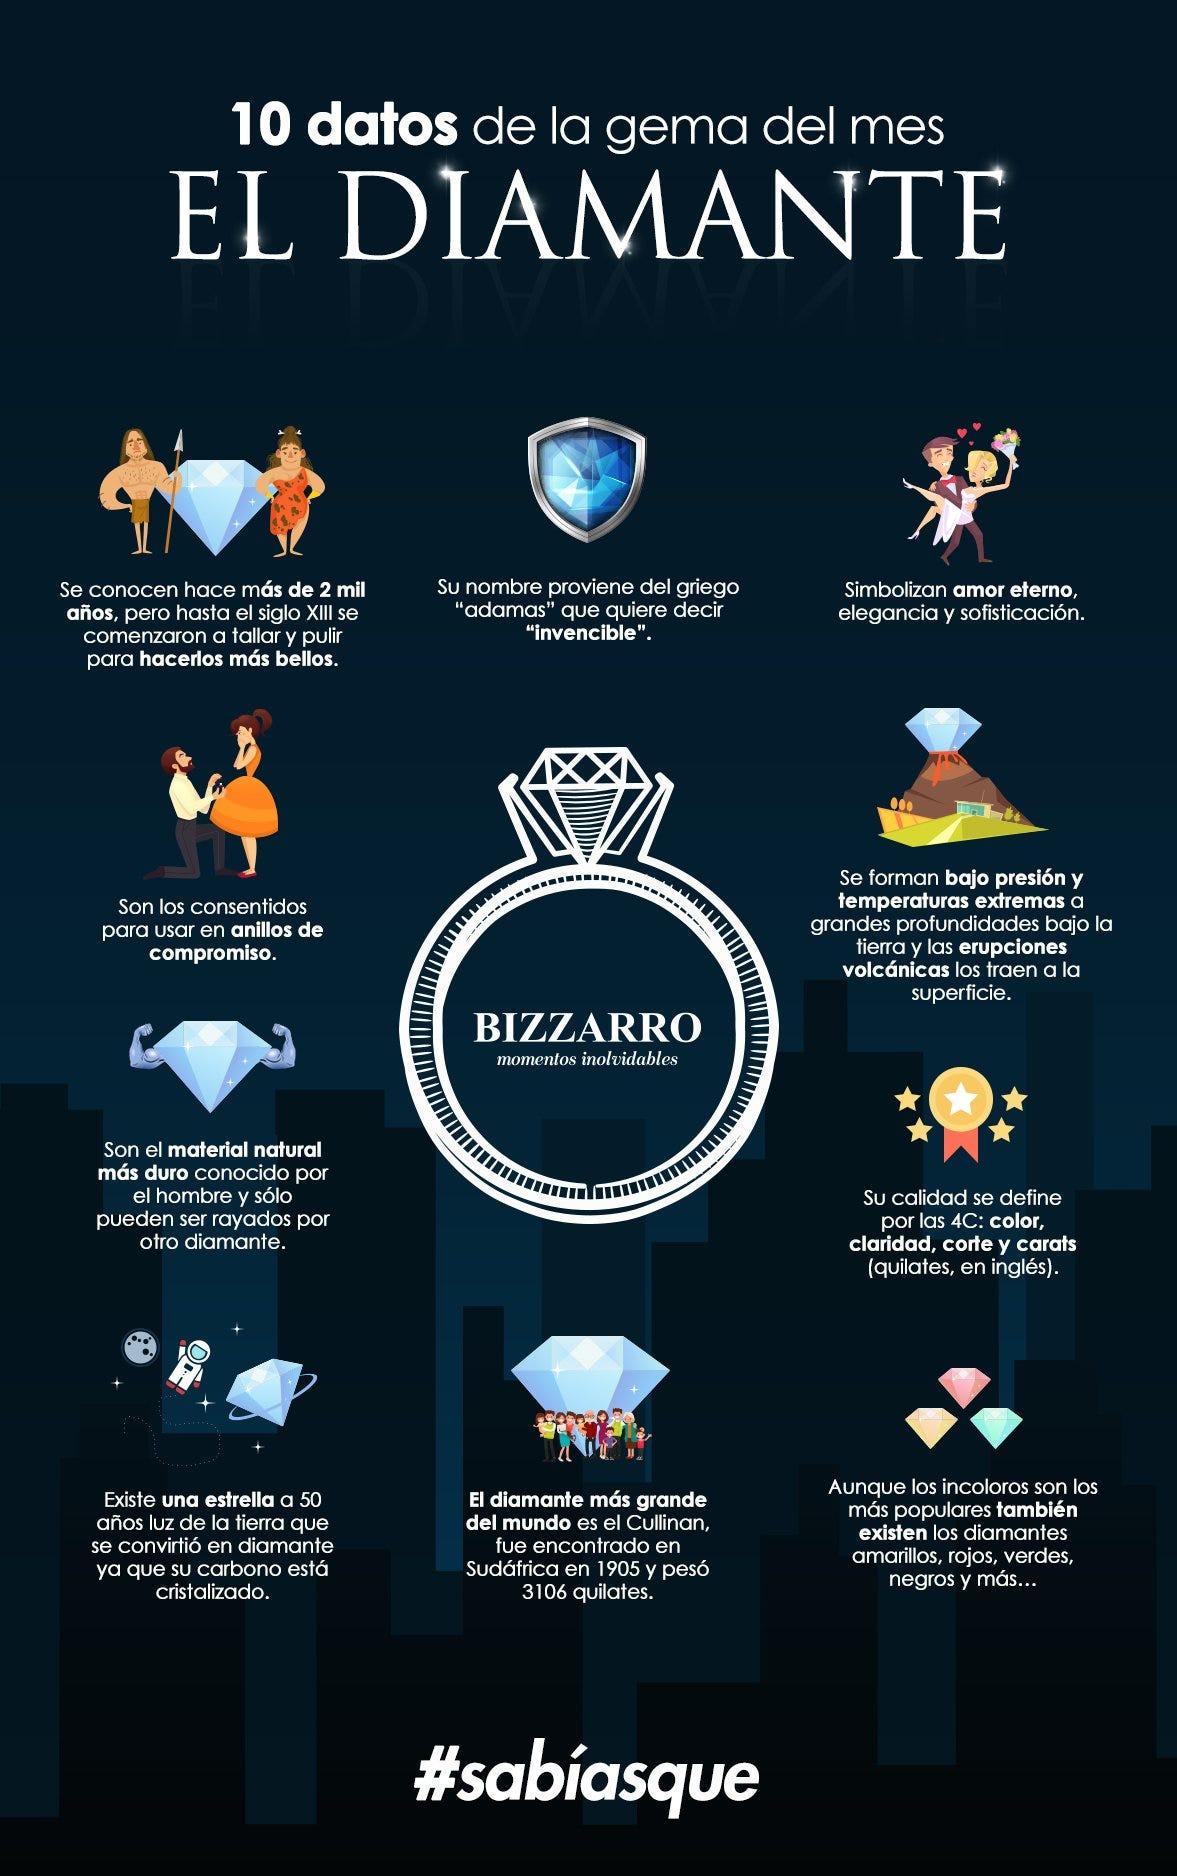 Gema del mes diamante